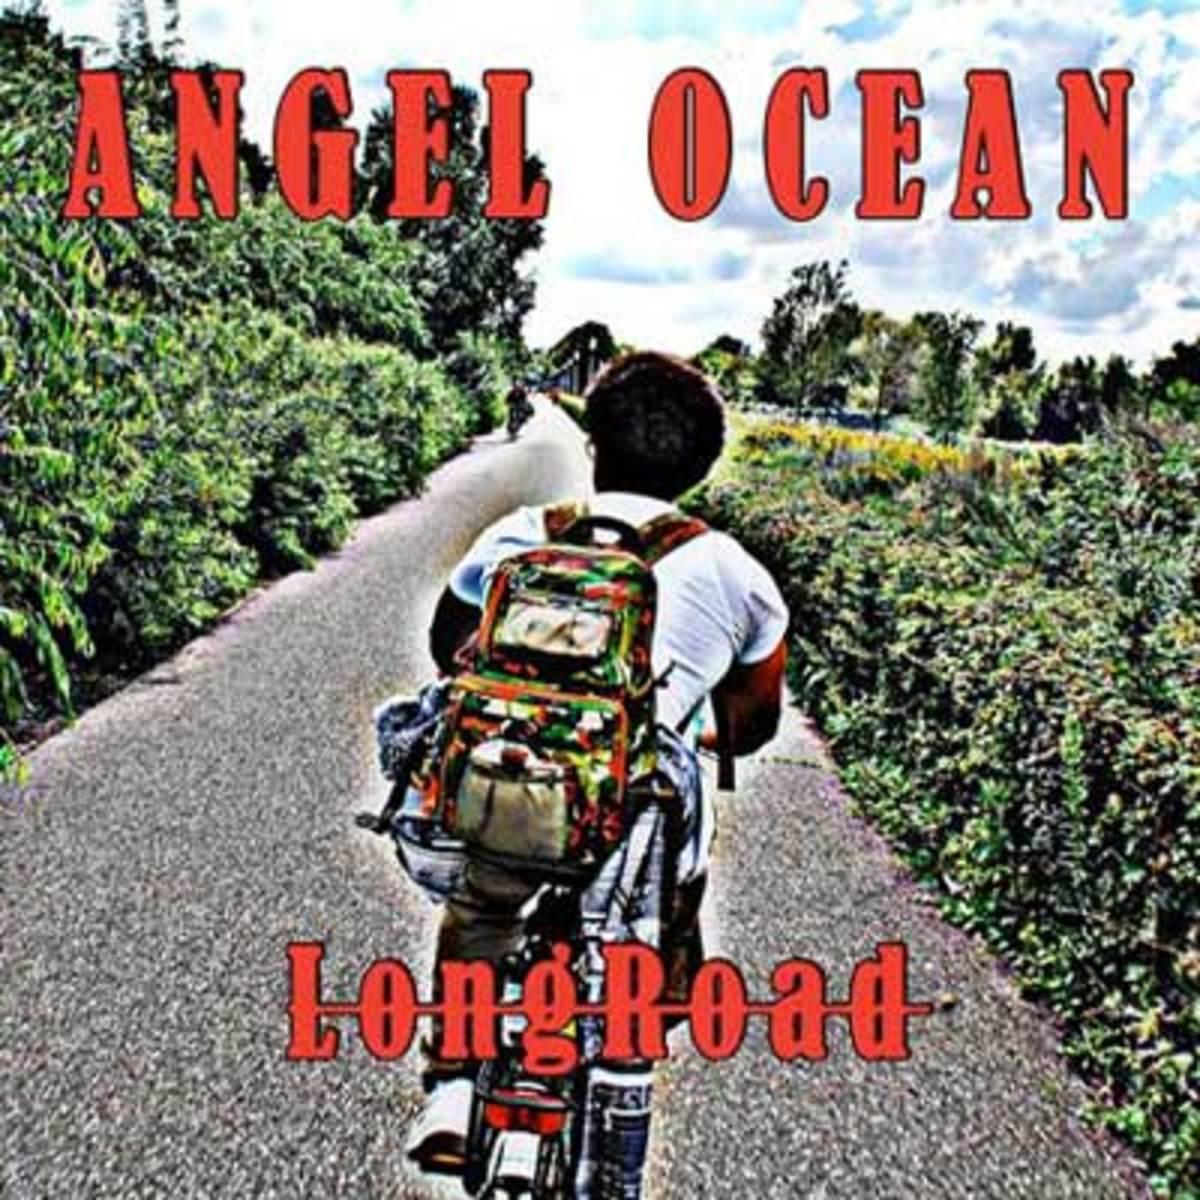 angelocean-longroad.jpg